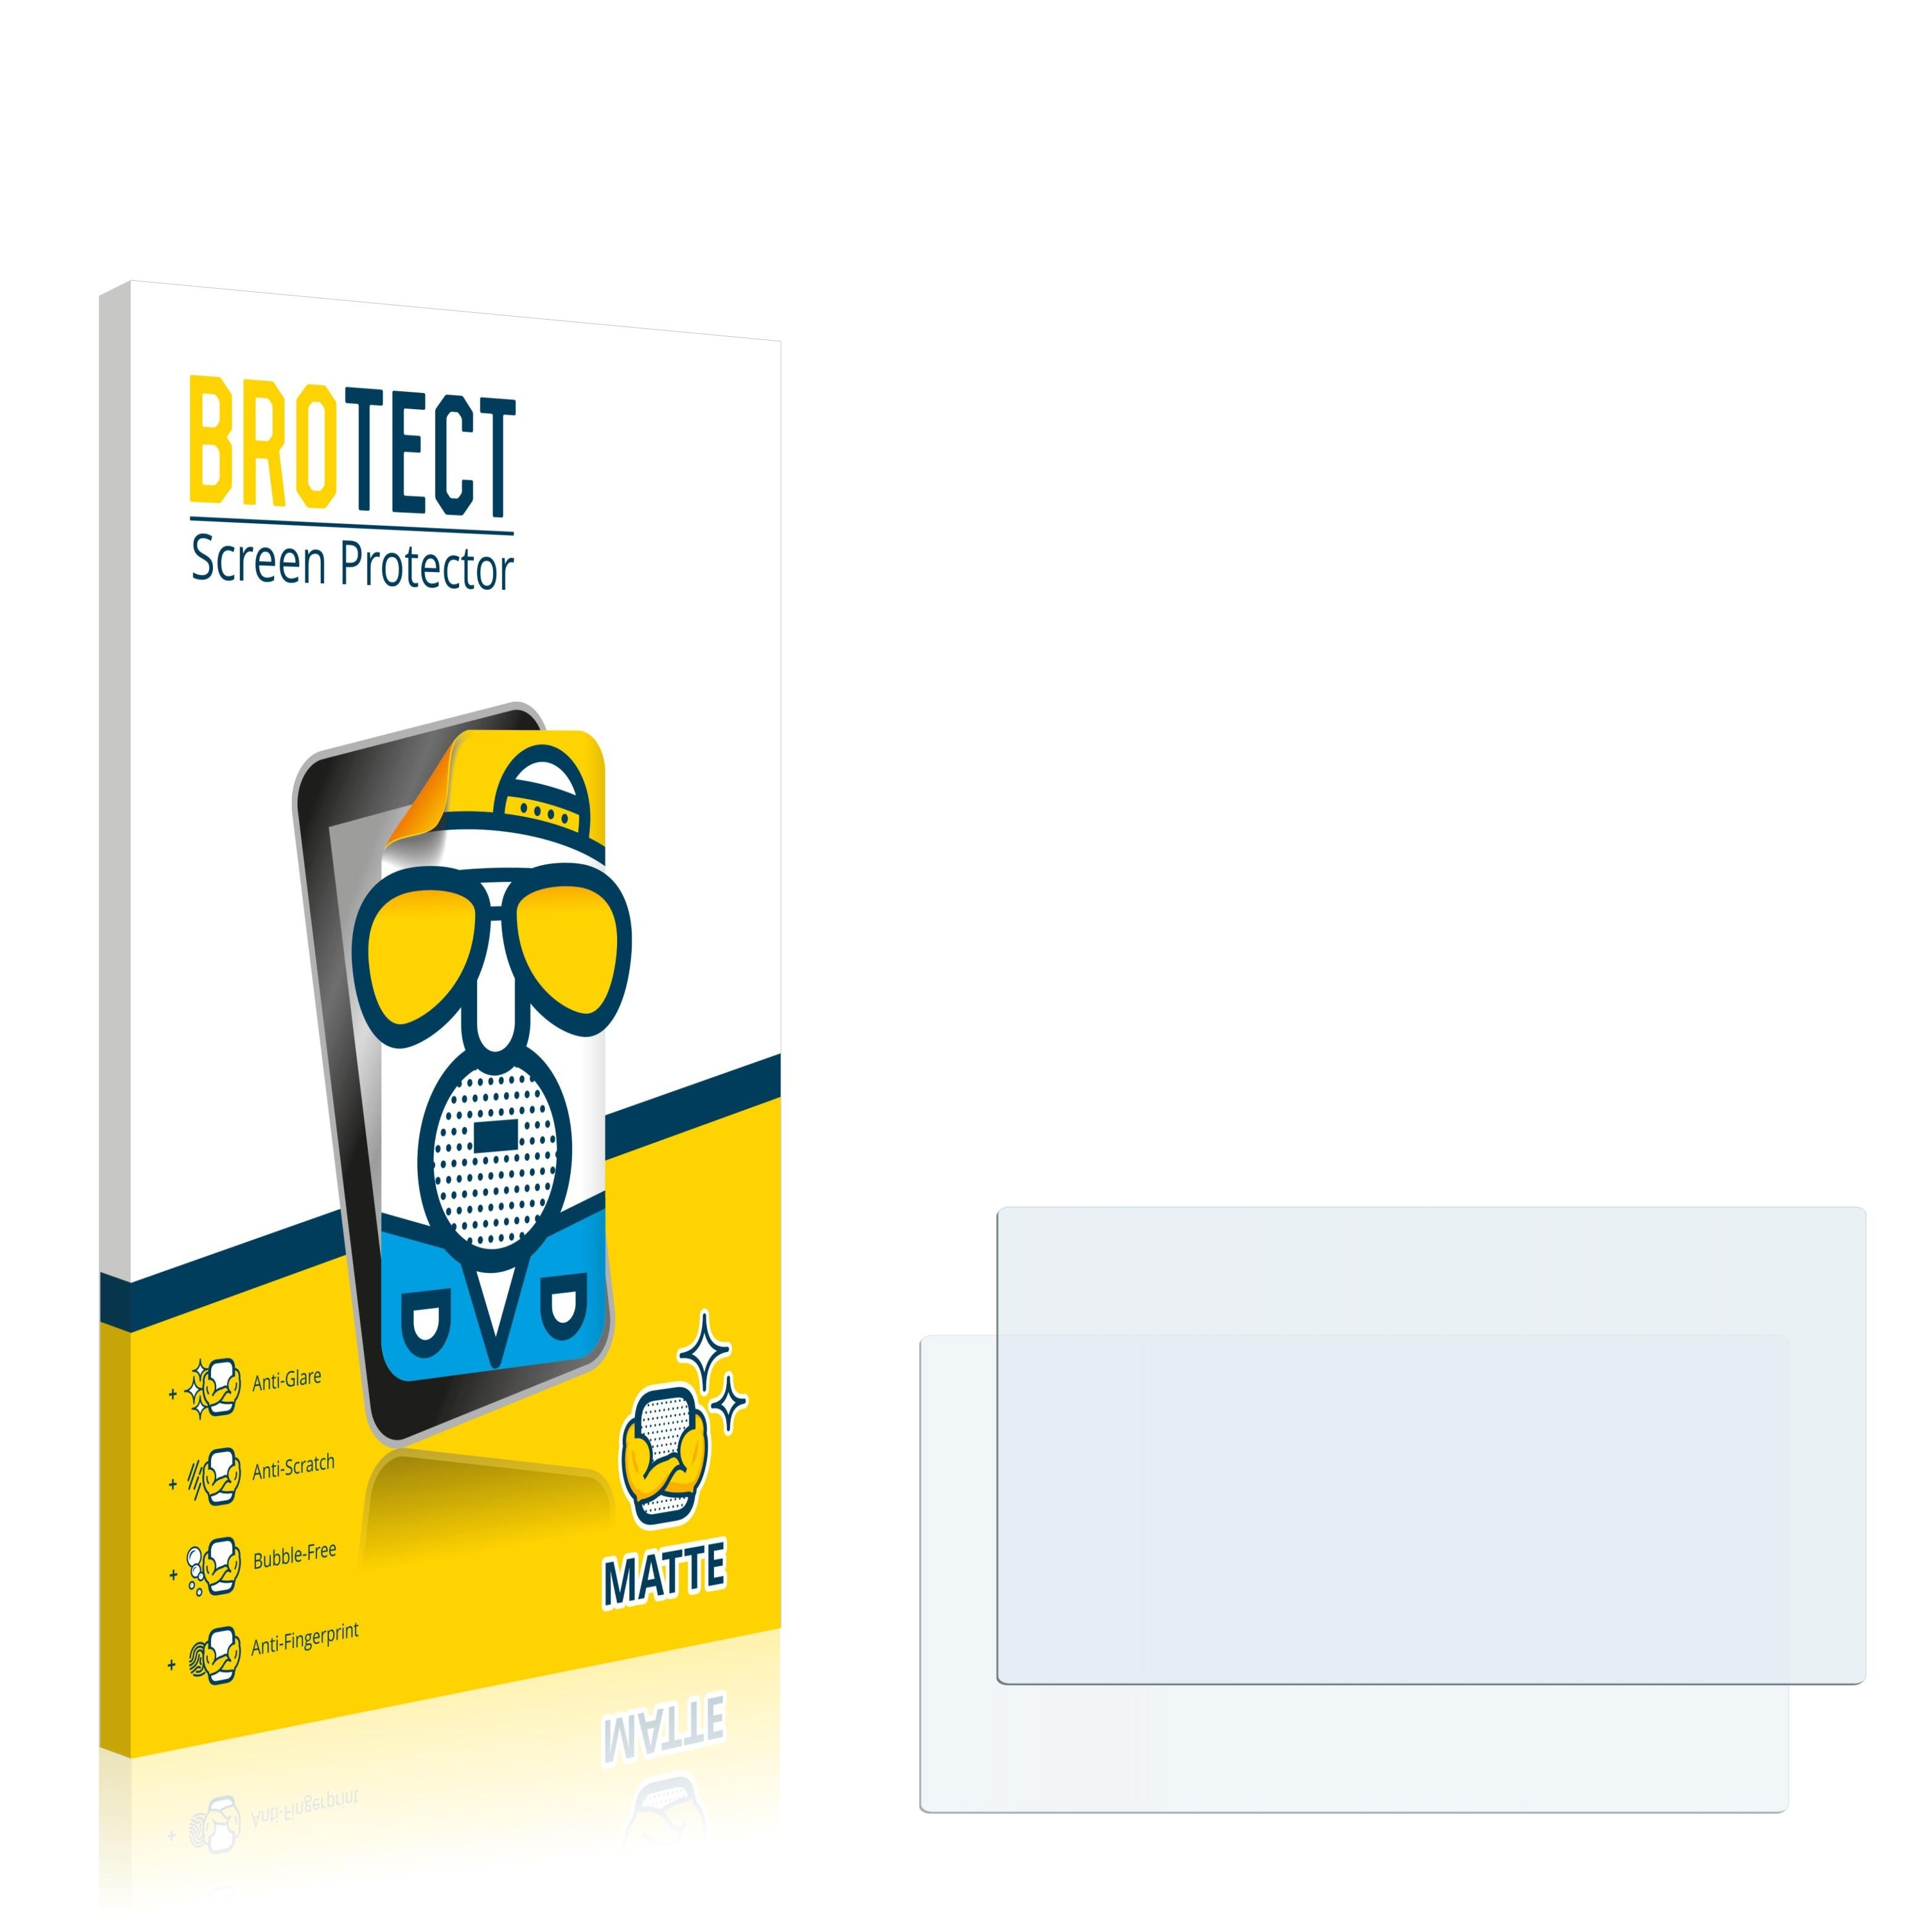 Matná ochranná fólie BROTECT pro Opel DVD 90 Navi, 2 ks